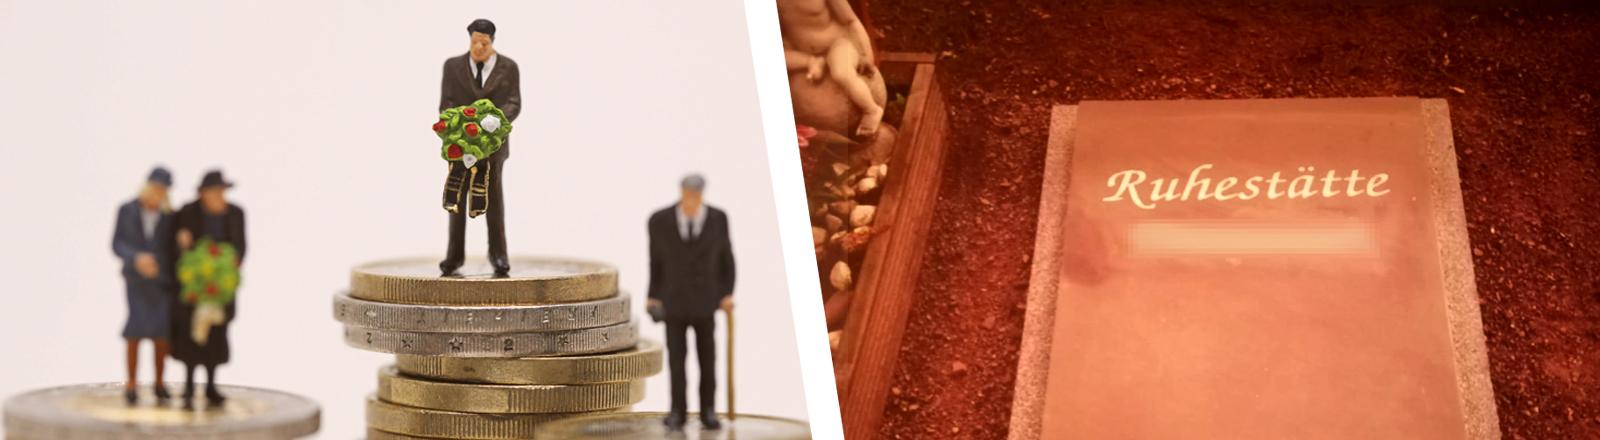 Symboldbild-Collage: Tauerende Menschen und Grabstein